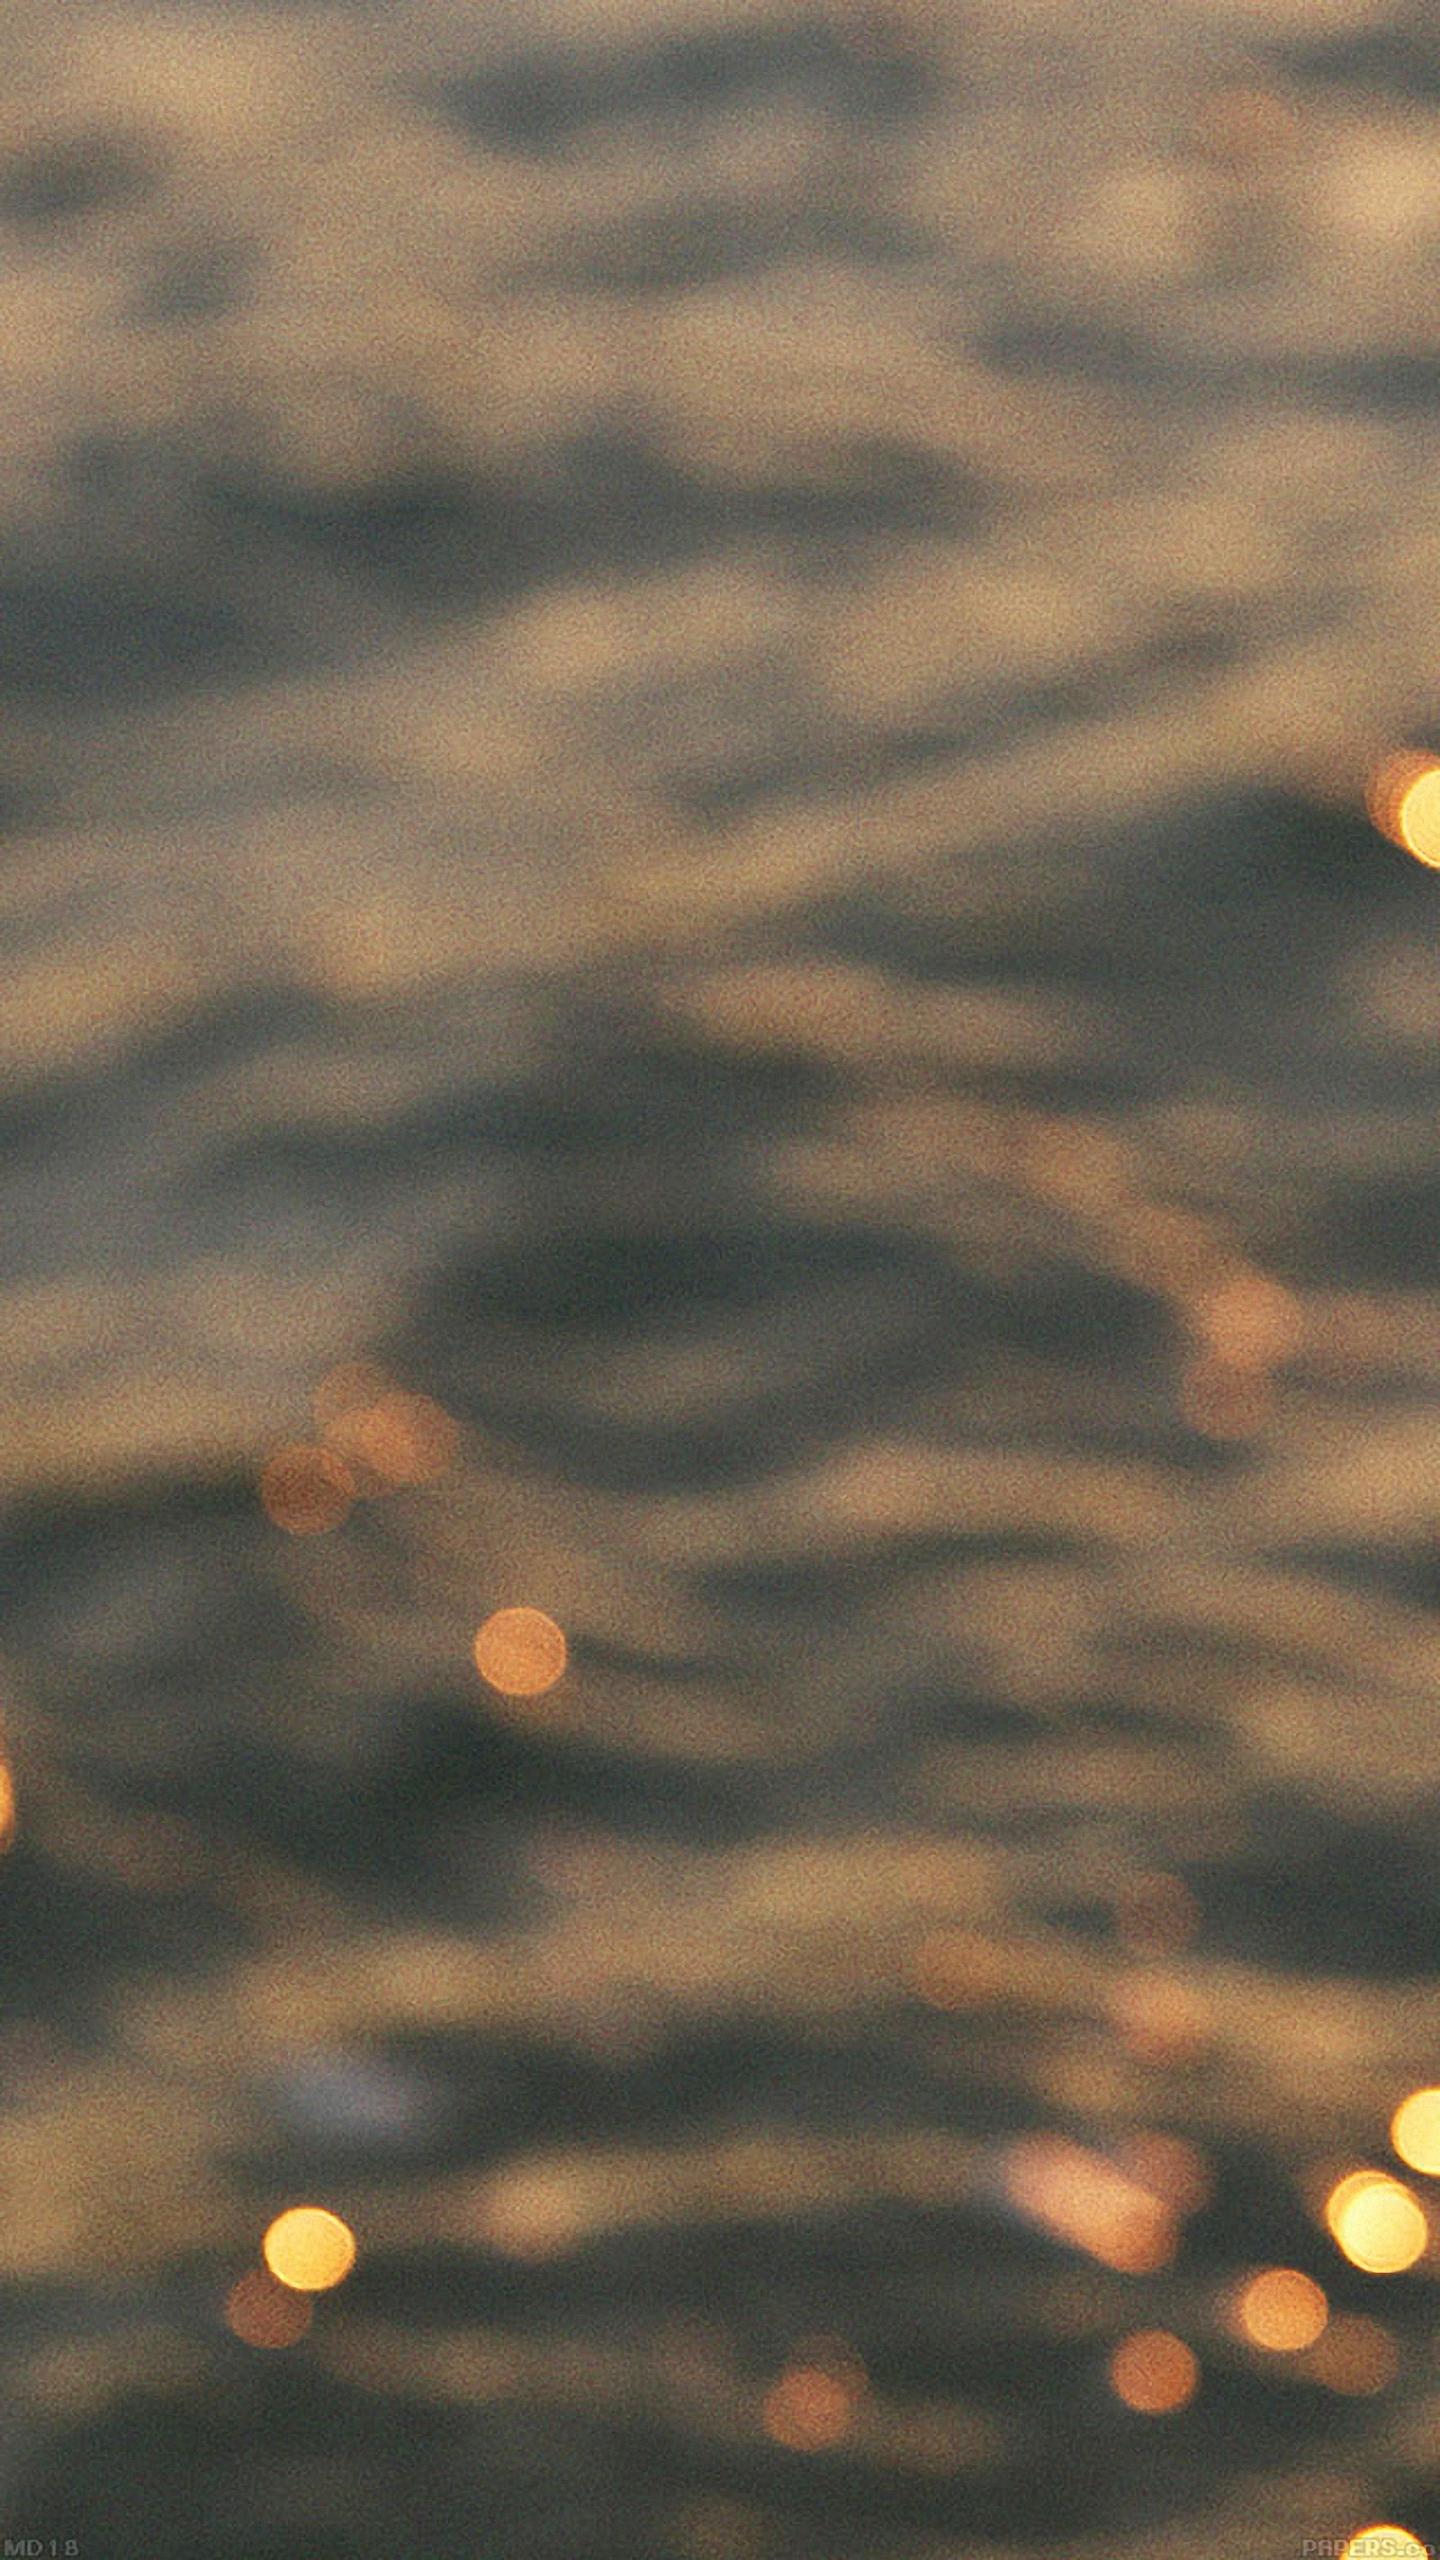 download night lake golden bokeh blur wallpaper for lg phone 1440x2560